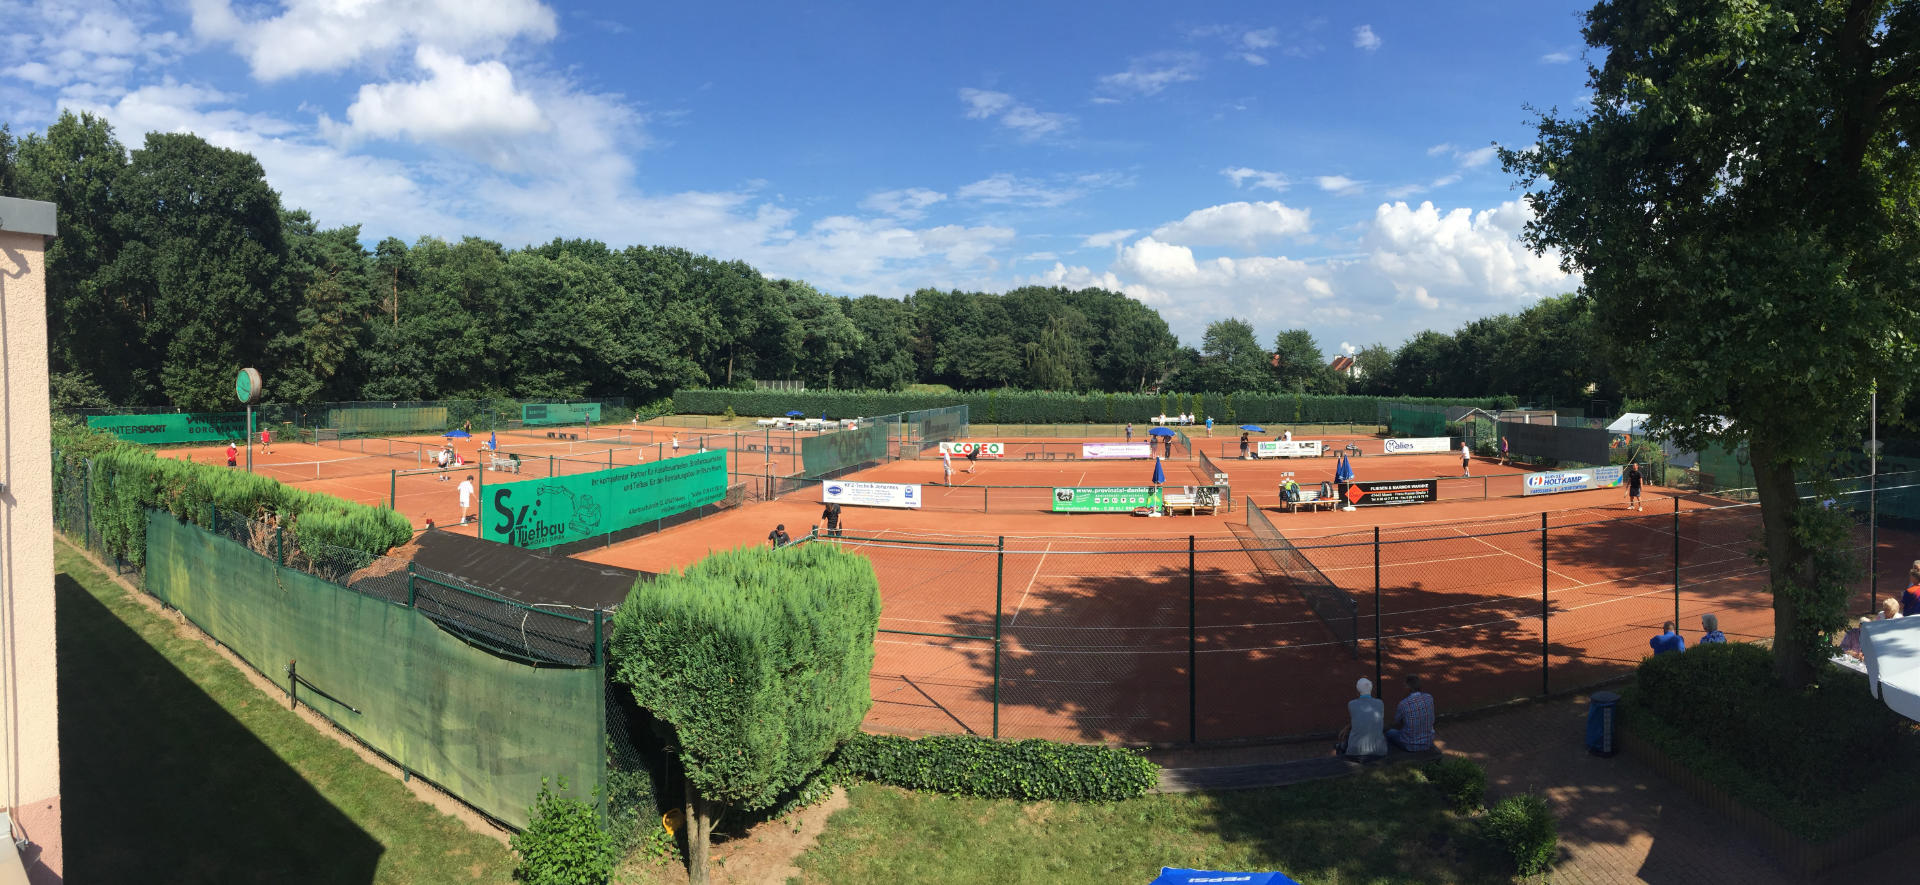 Tennisabteilung